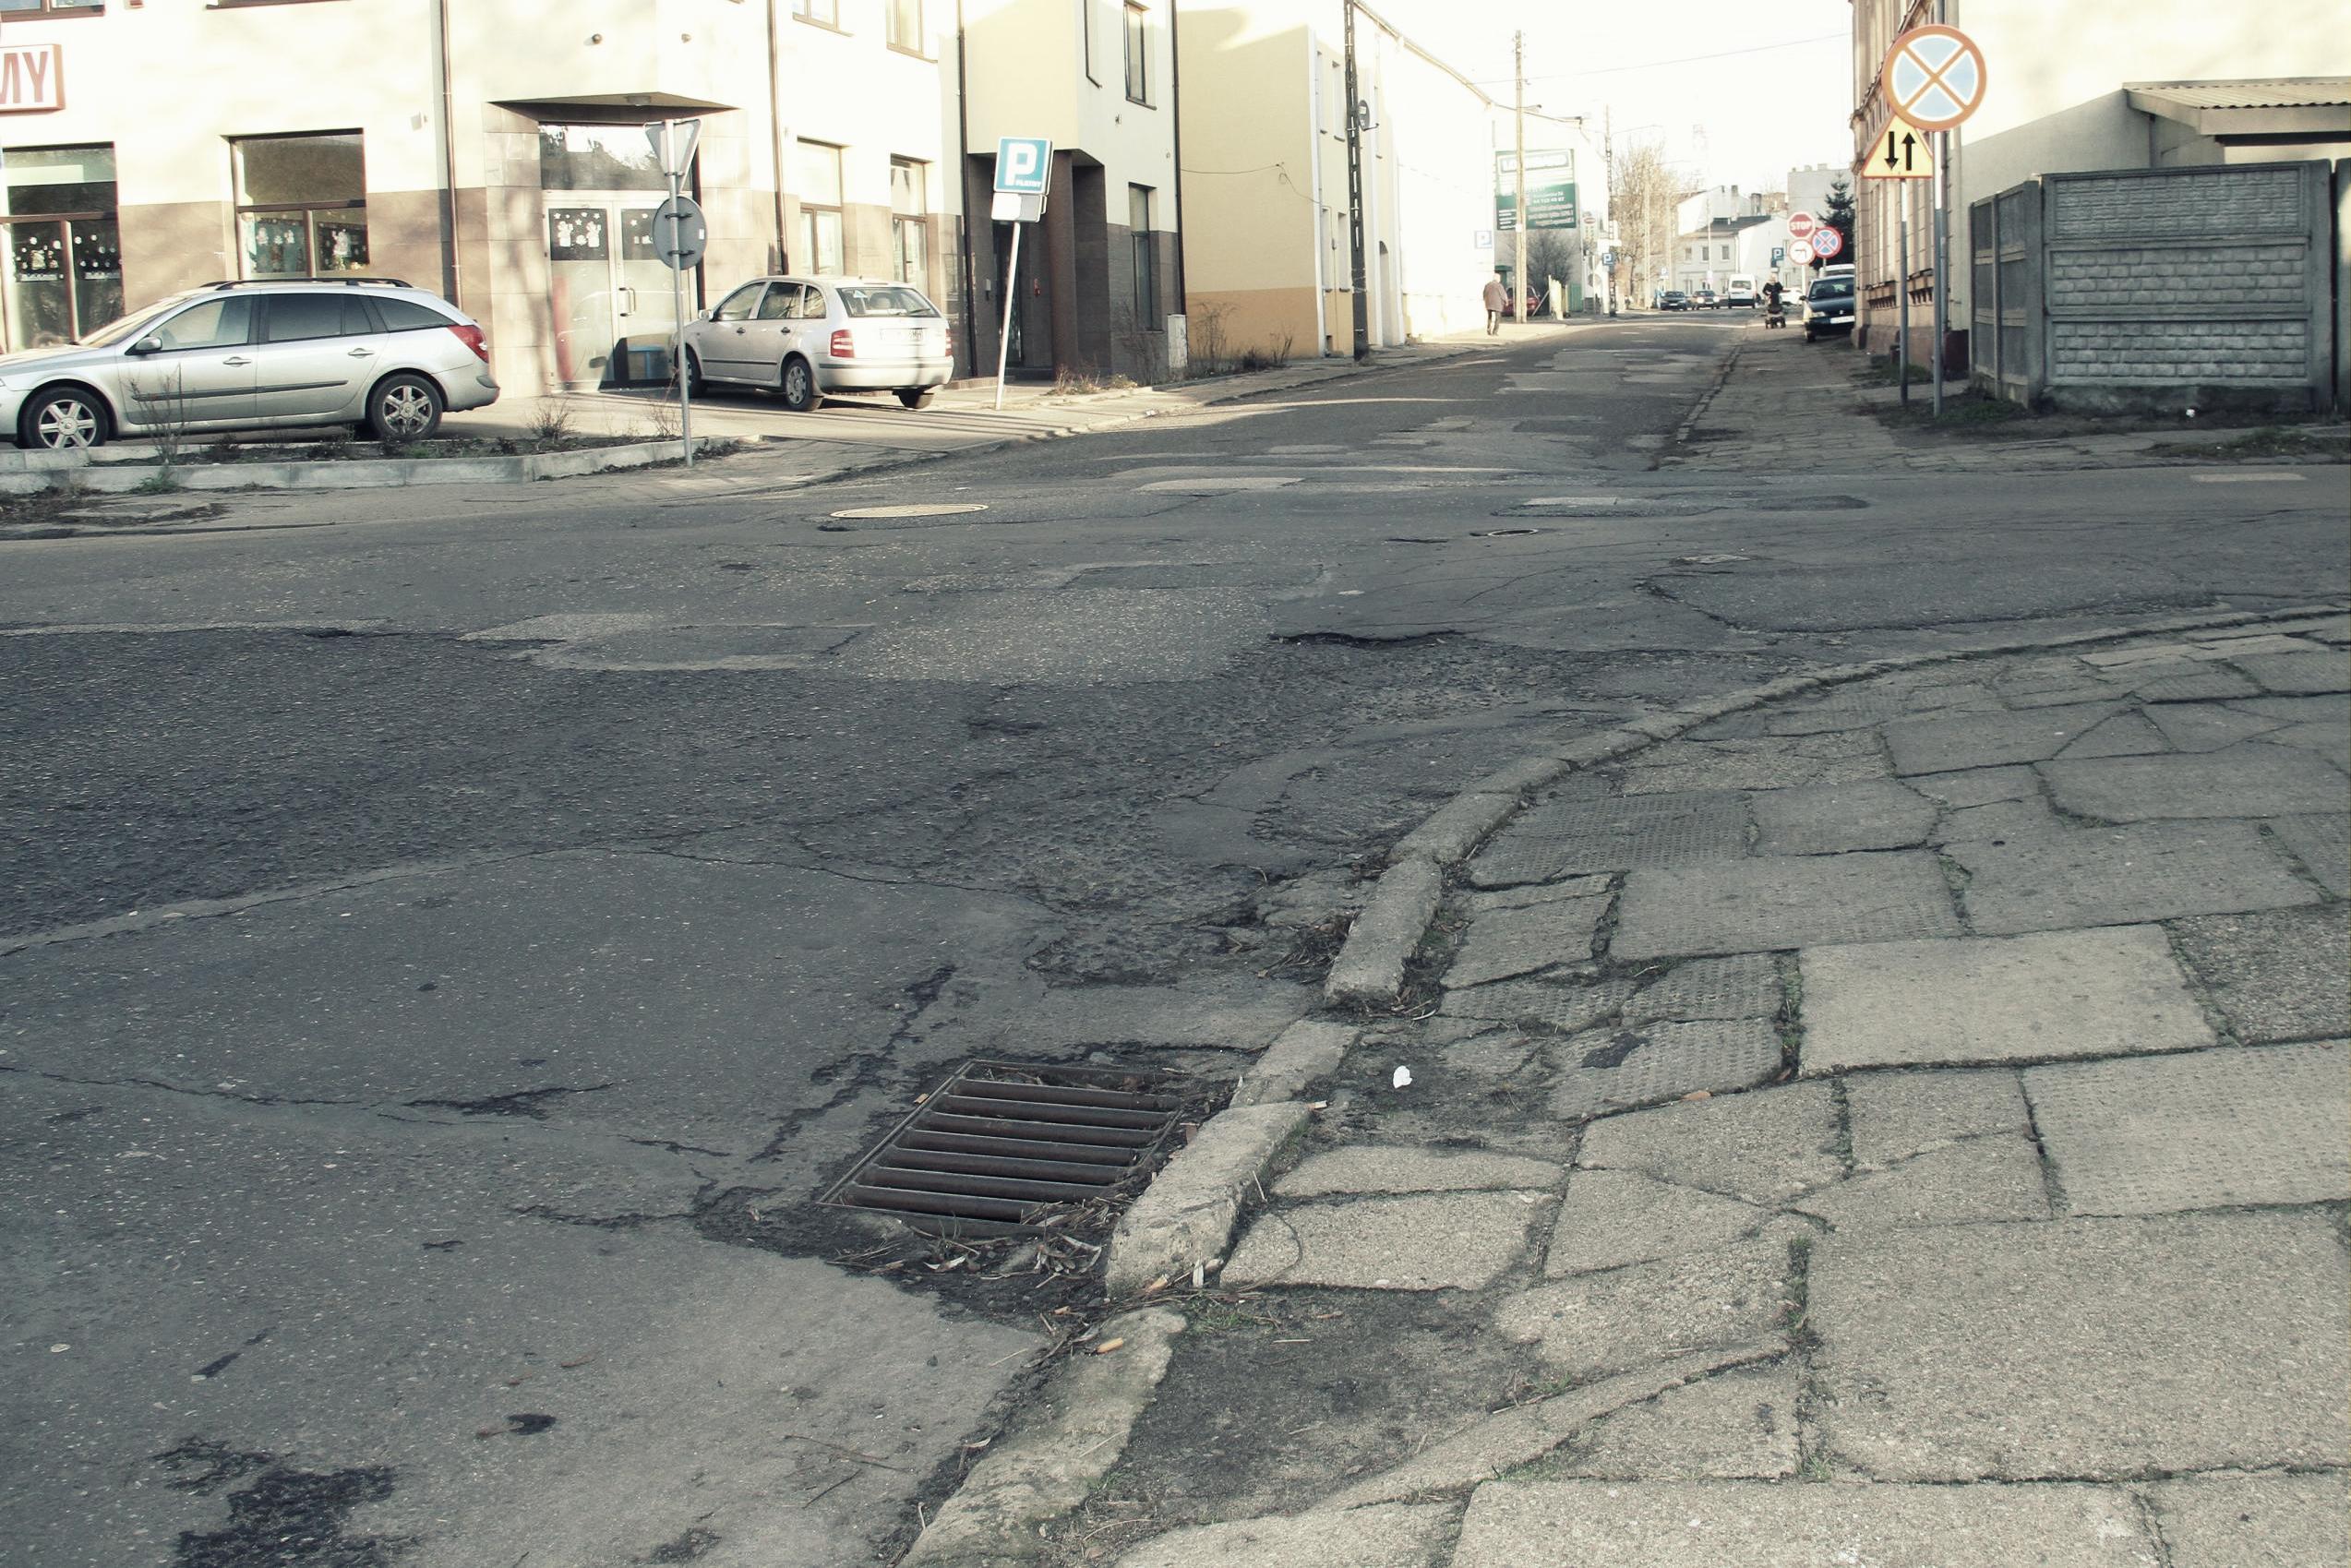 Blisko 5 mln zł na długo oczekiwaną przebudowę ulic. Od czwartku zmiana organizacji ruchu